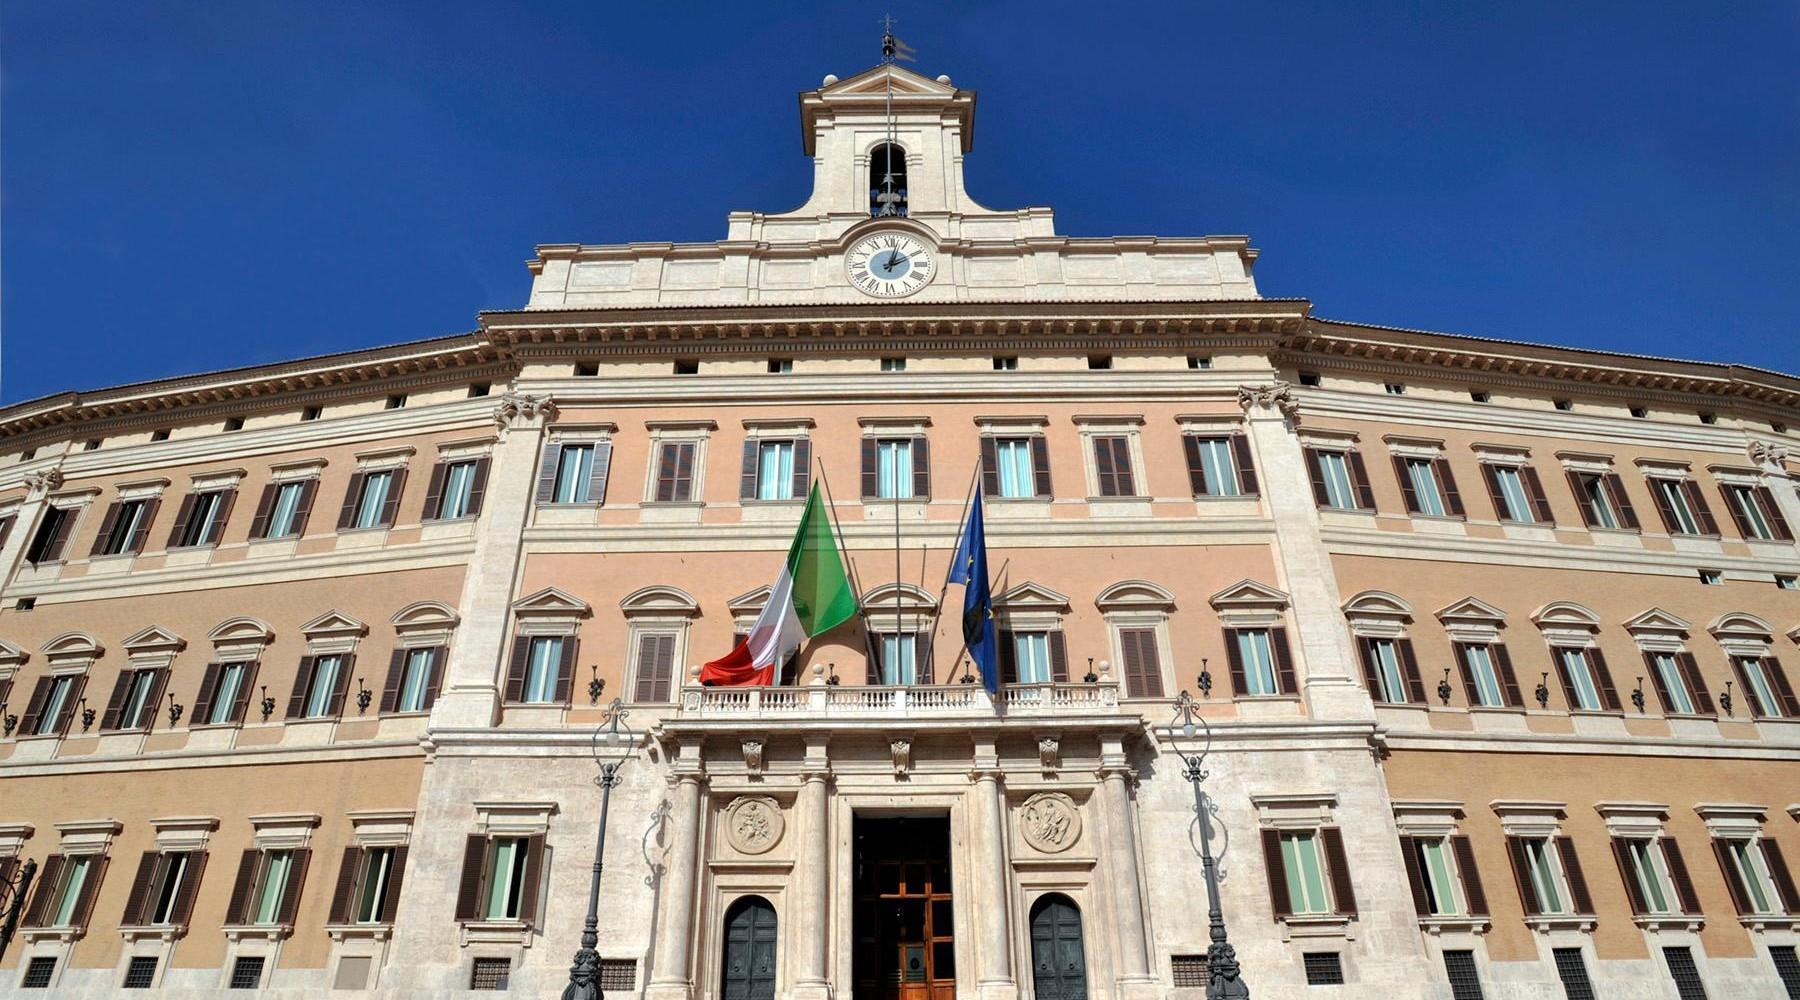 palazzo-montecitorio-630x350.jpeg    Camera dei Deputati - Pre-Cop26 - Palazzo Montecitorio